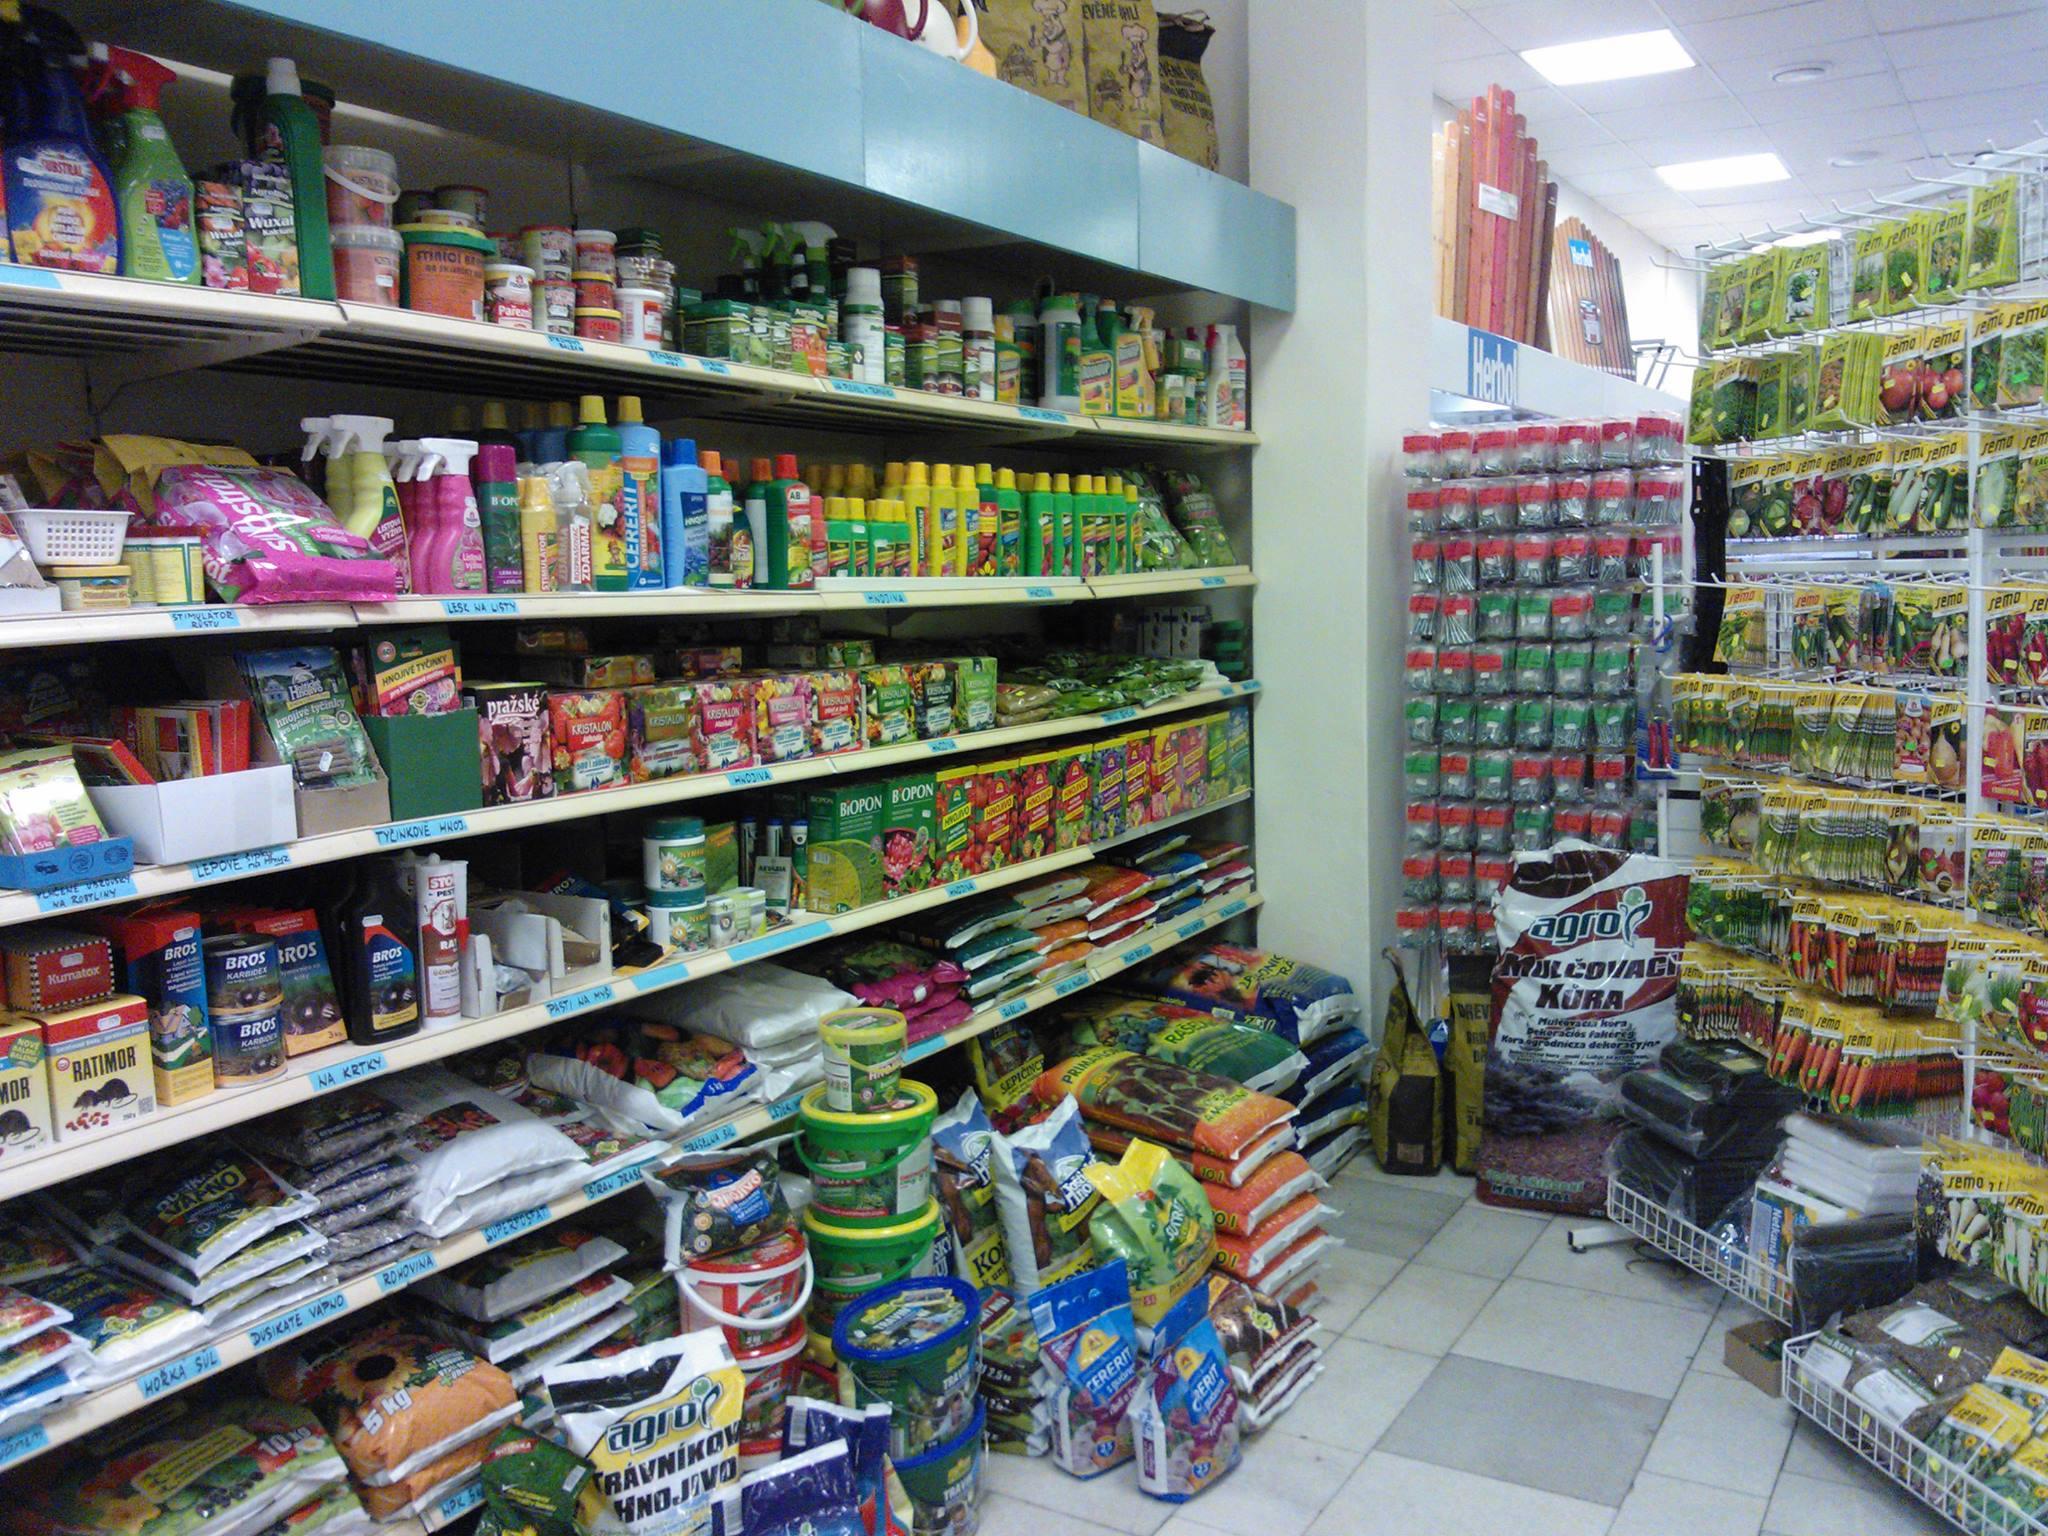 Zahrádkářské potřeby pro jaro – cibule sazečka, postřiky, hnojiva